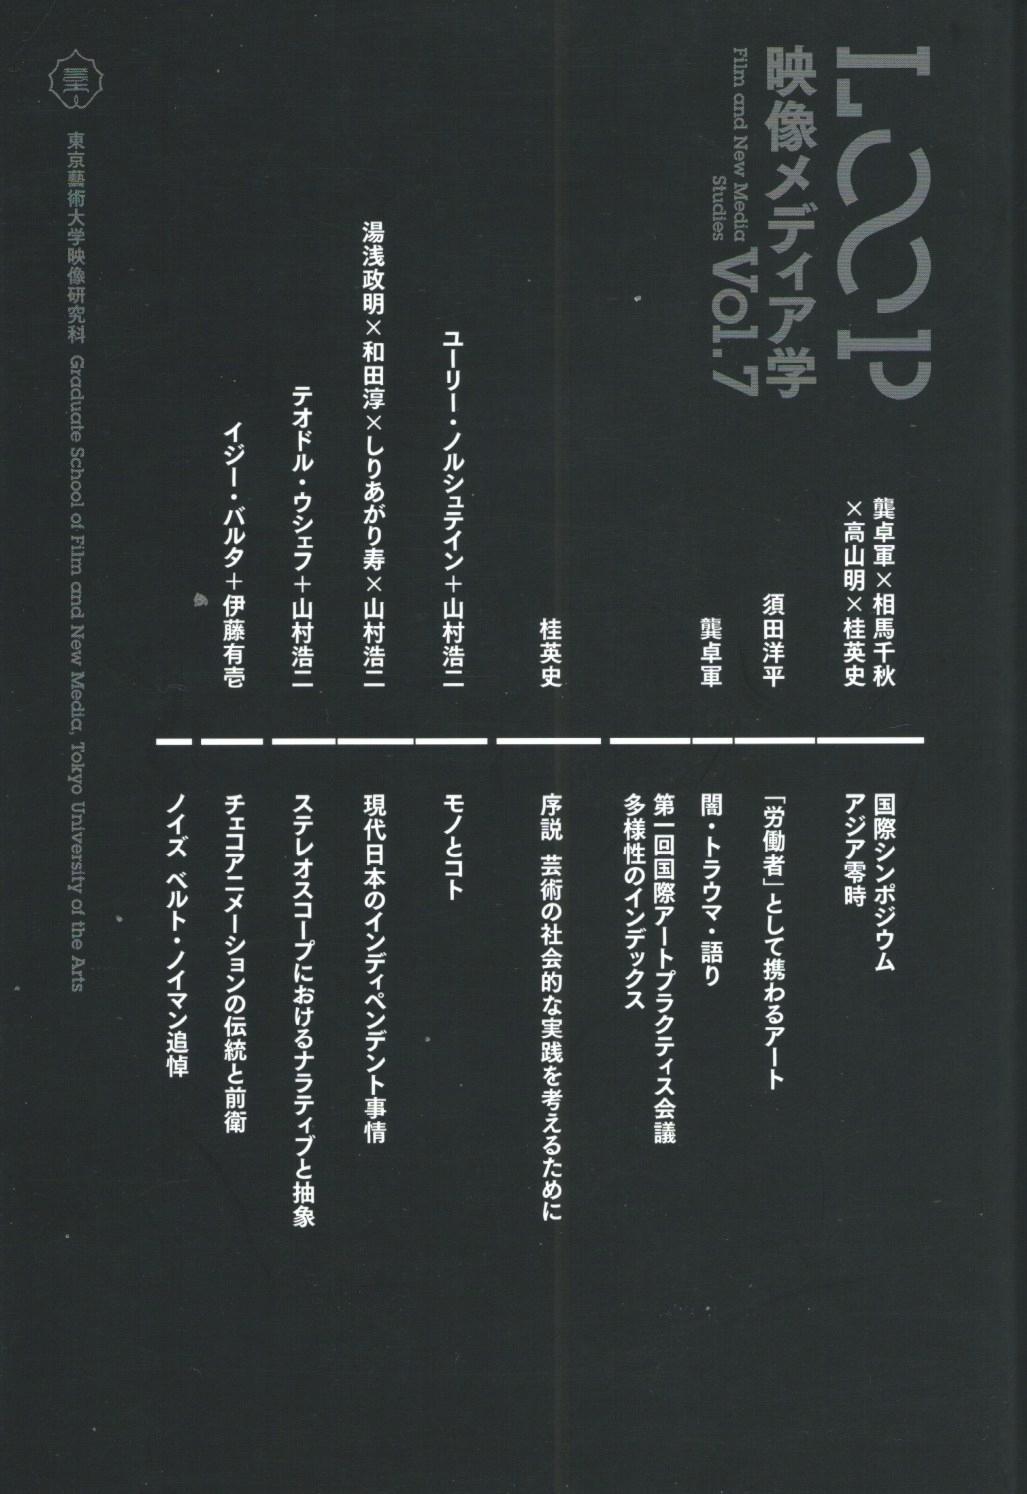 LOOP 映像メディア学 Vol.7